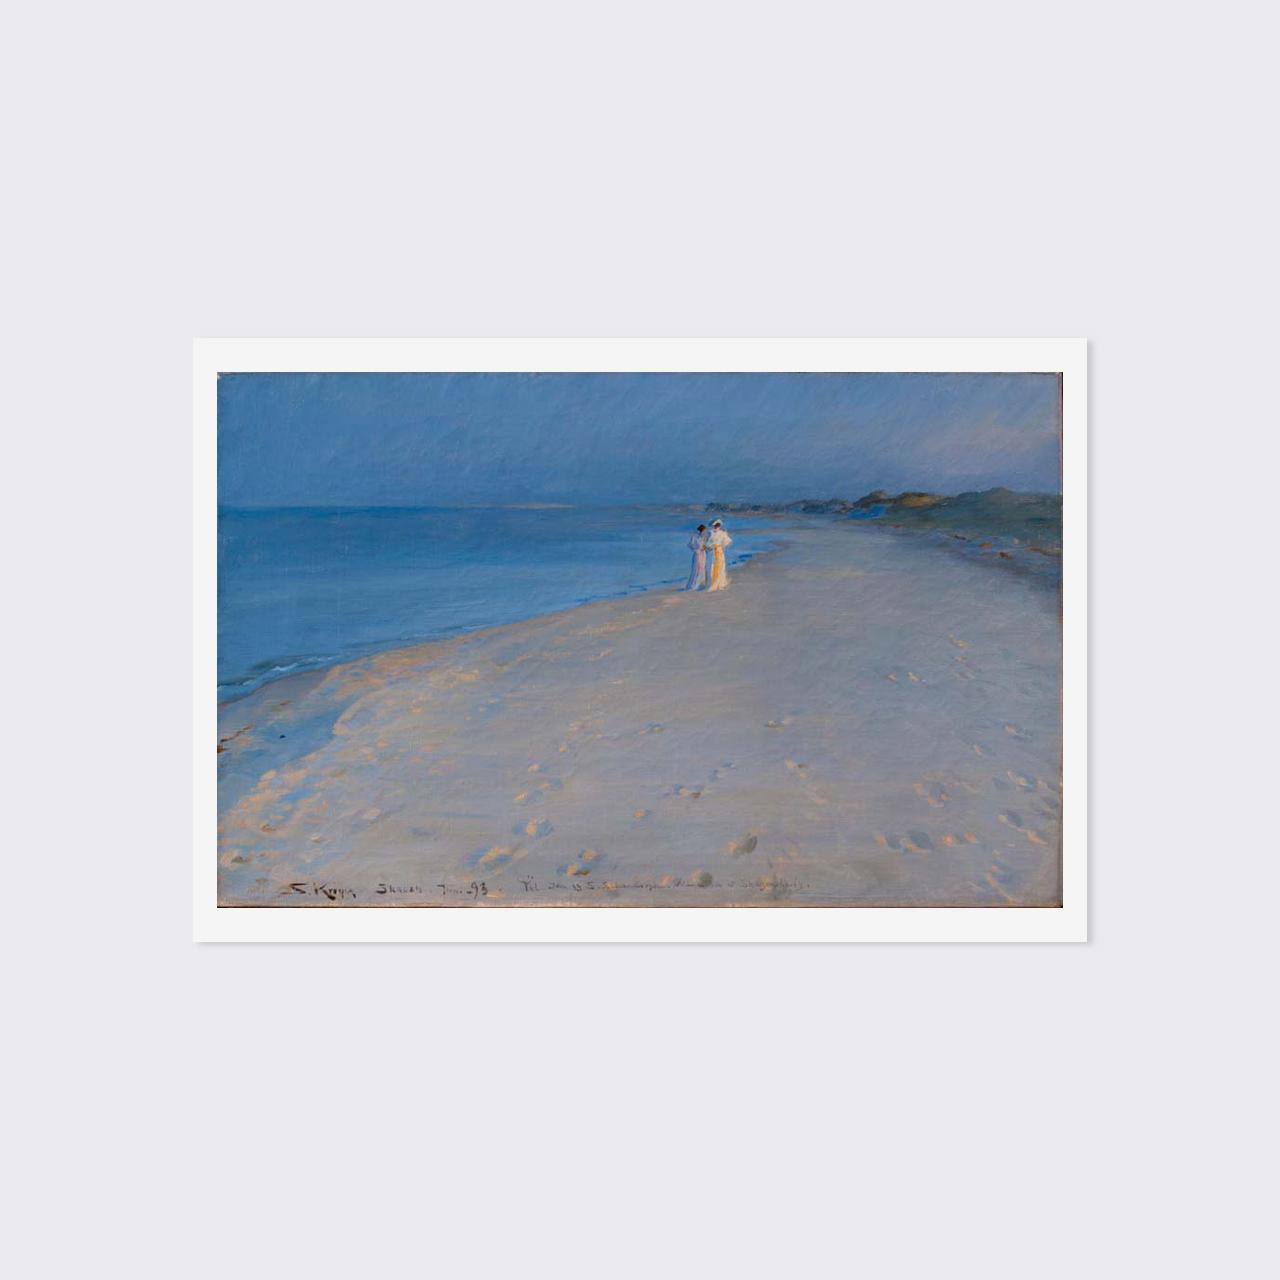 クロイア ポストカード 「スケーイン南海岸の夏の夕べーアナ・アンガとマリーイ・クロイア」